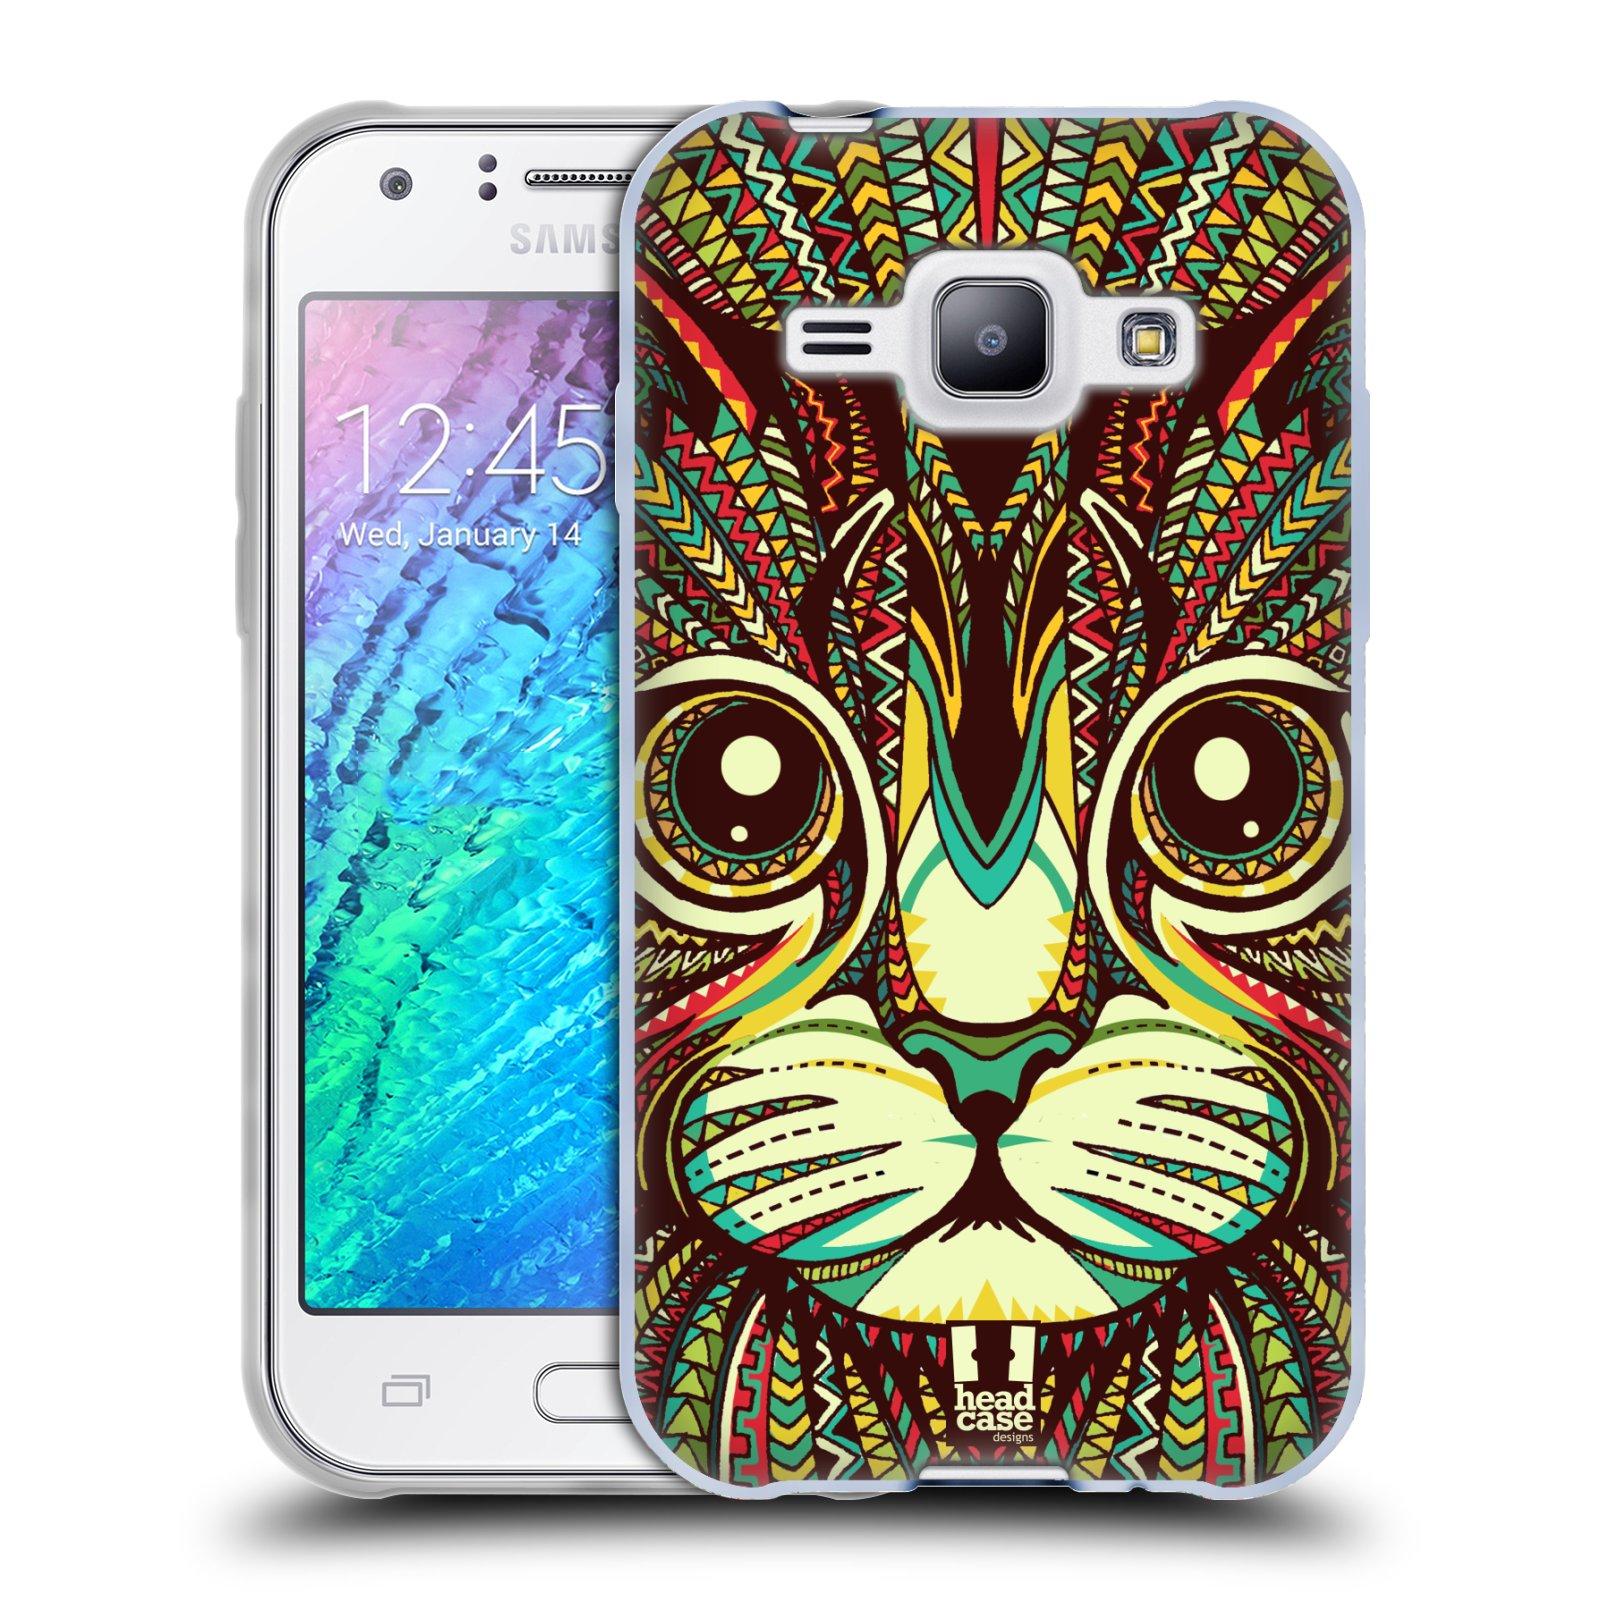 Silikonové pouzdro na mobil Samsung Galaxy J1 HEAD CASE AZTEC KOČKA (Silikonový kryt či obal na mobilní telefon Samsung Galaxy J1 a J1 Duos)